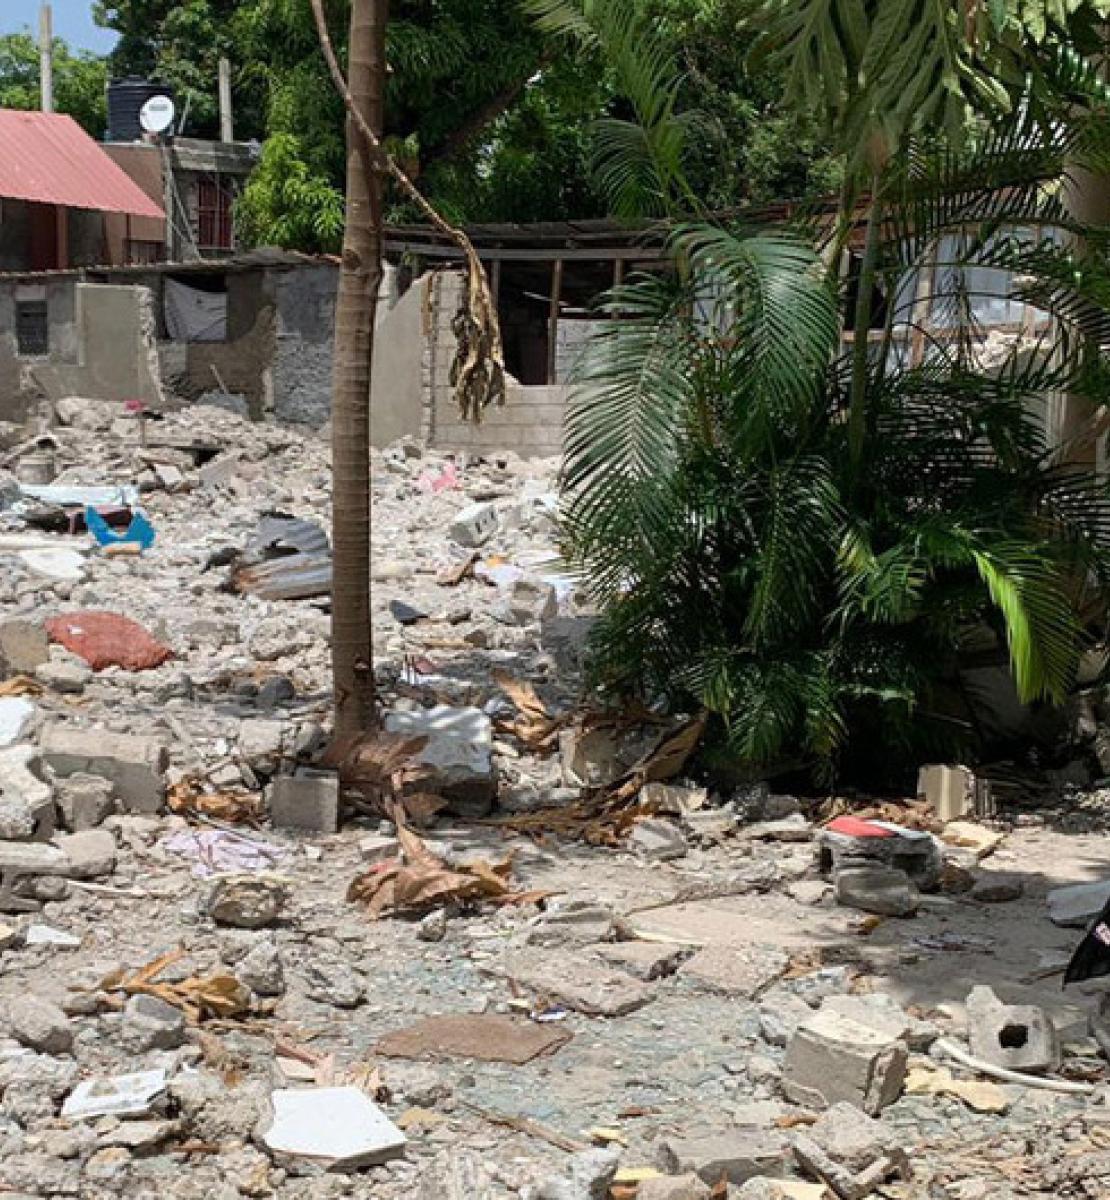 La Vice-Secrétaire générale des Nations Unies, Amina Mohammed, se tient au milieu de ruines, devant ce qui était autrefois des maisons.